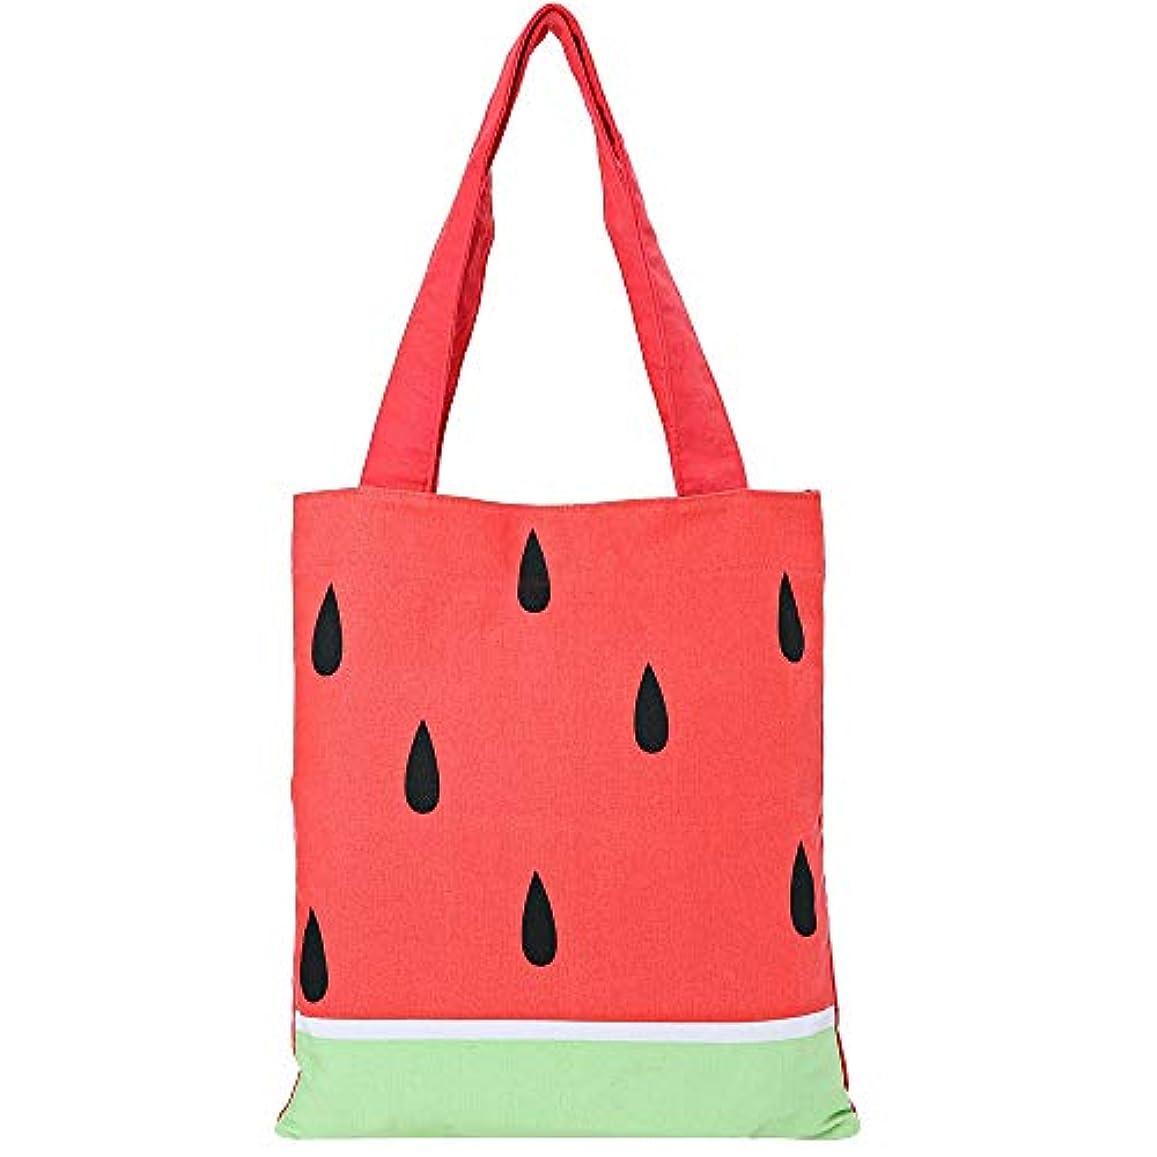 同意繰り返しブルゴーニュシンプルなキャンバスショッピングバッグポータブル環境保護収納袋